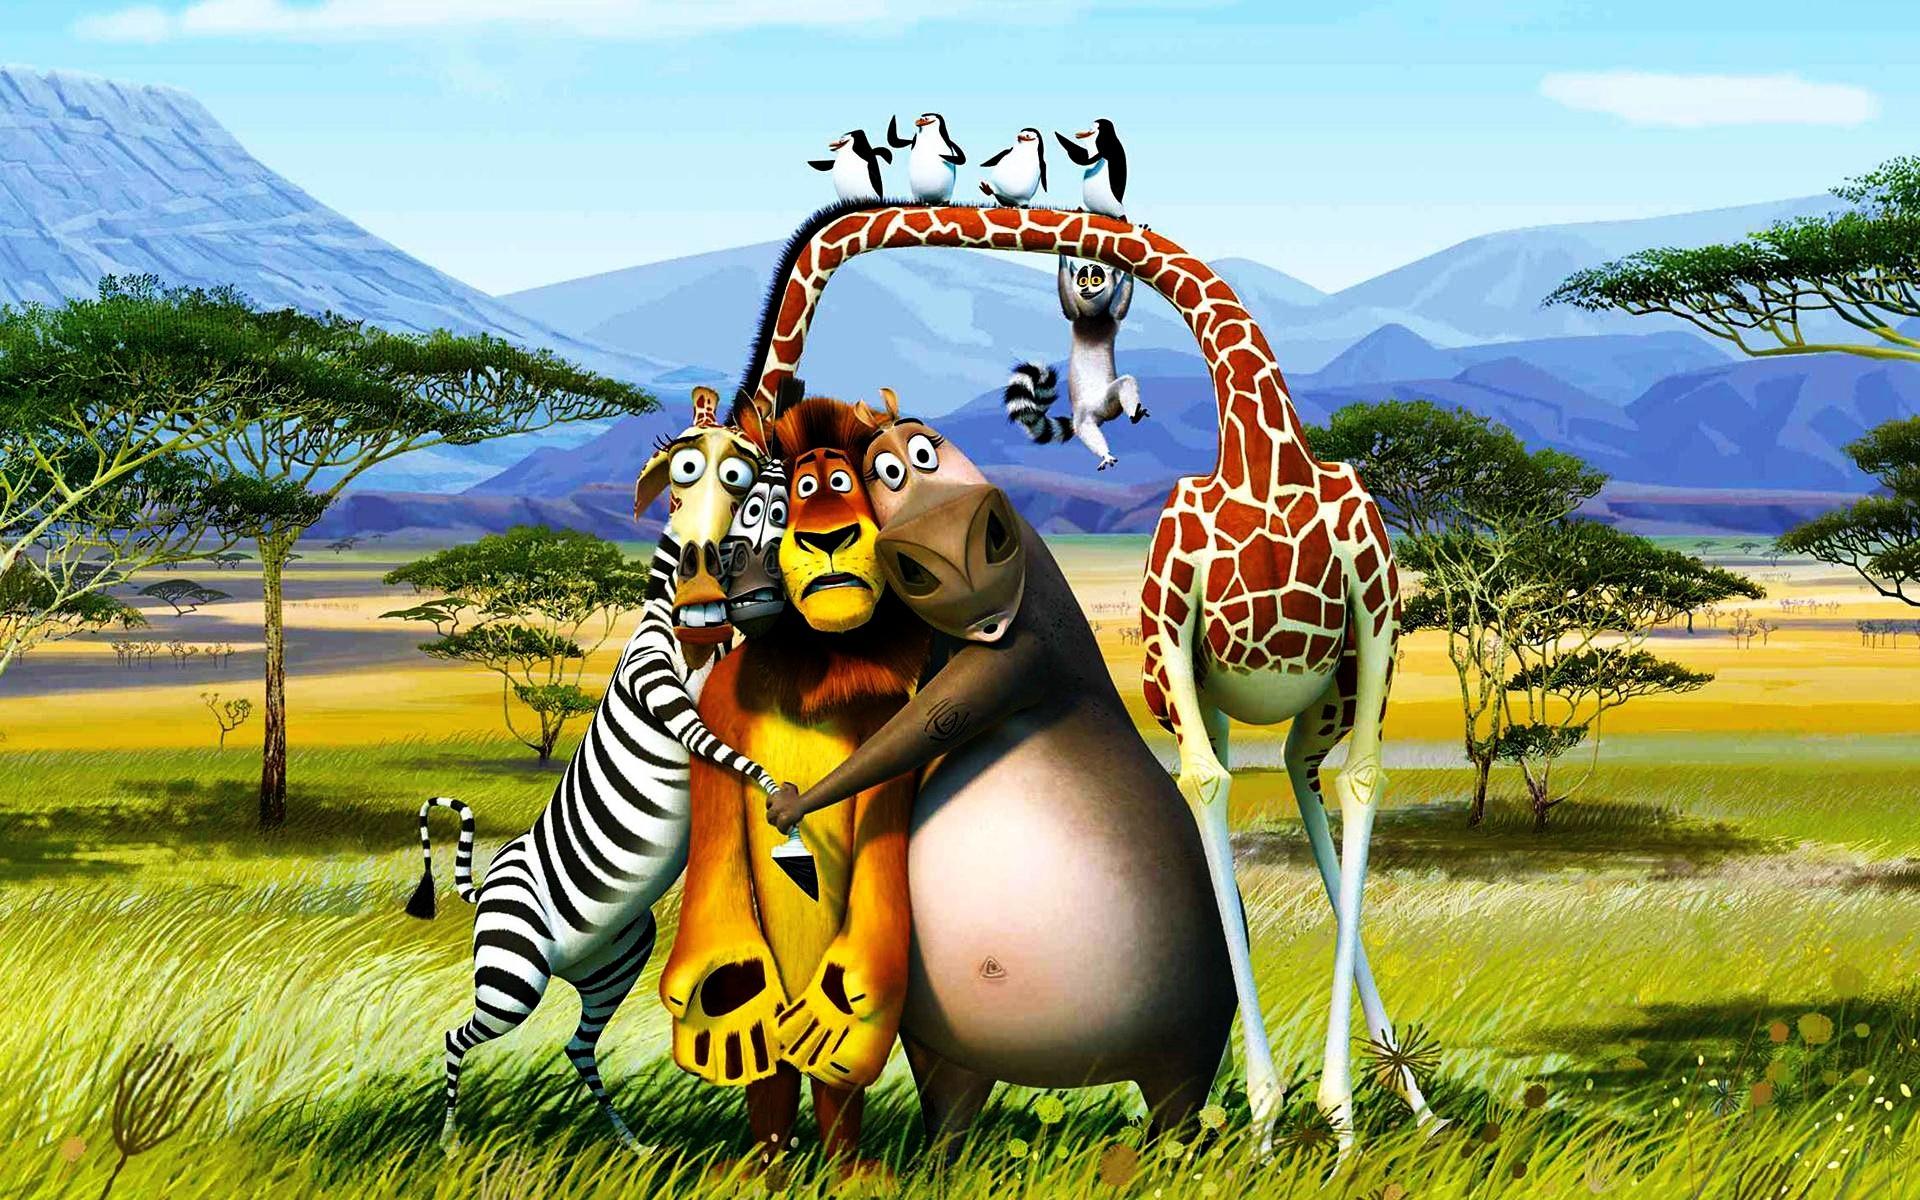 Escape To The Madagascar 3D - Escape To The Madagascar 3D